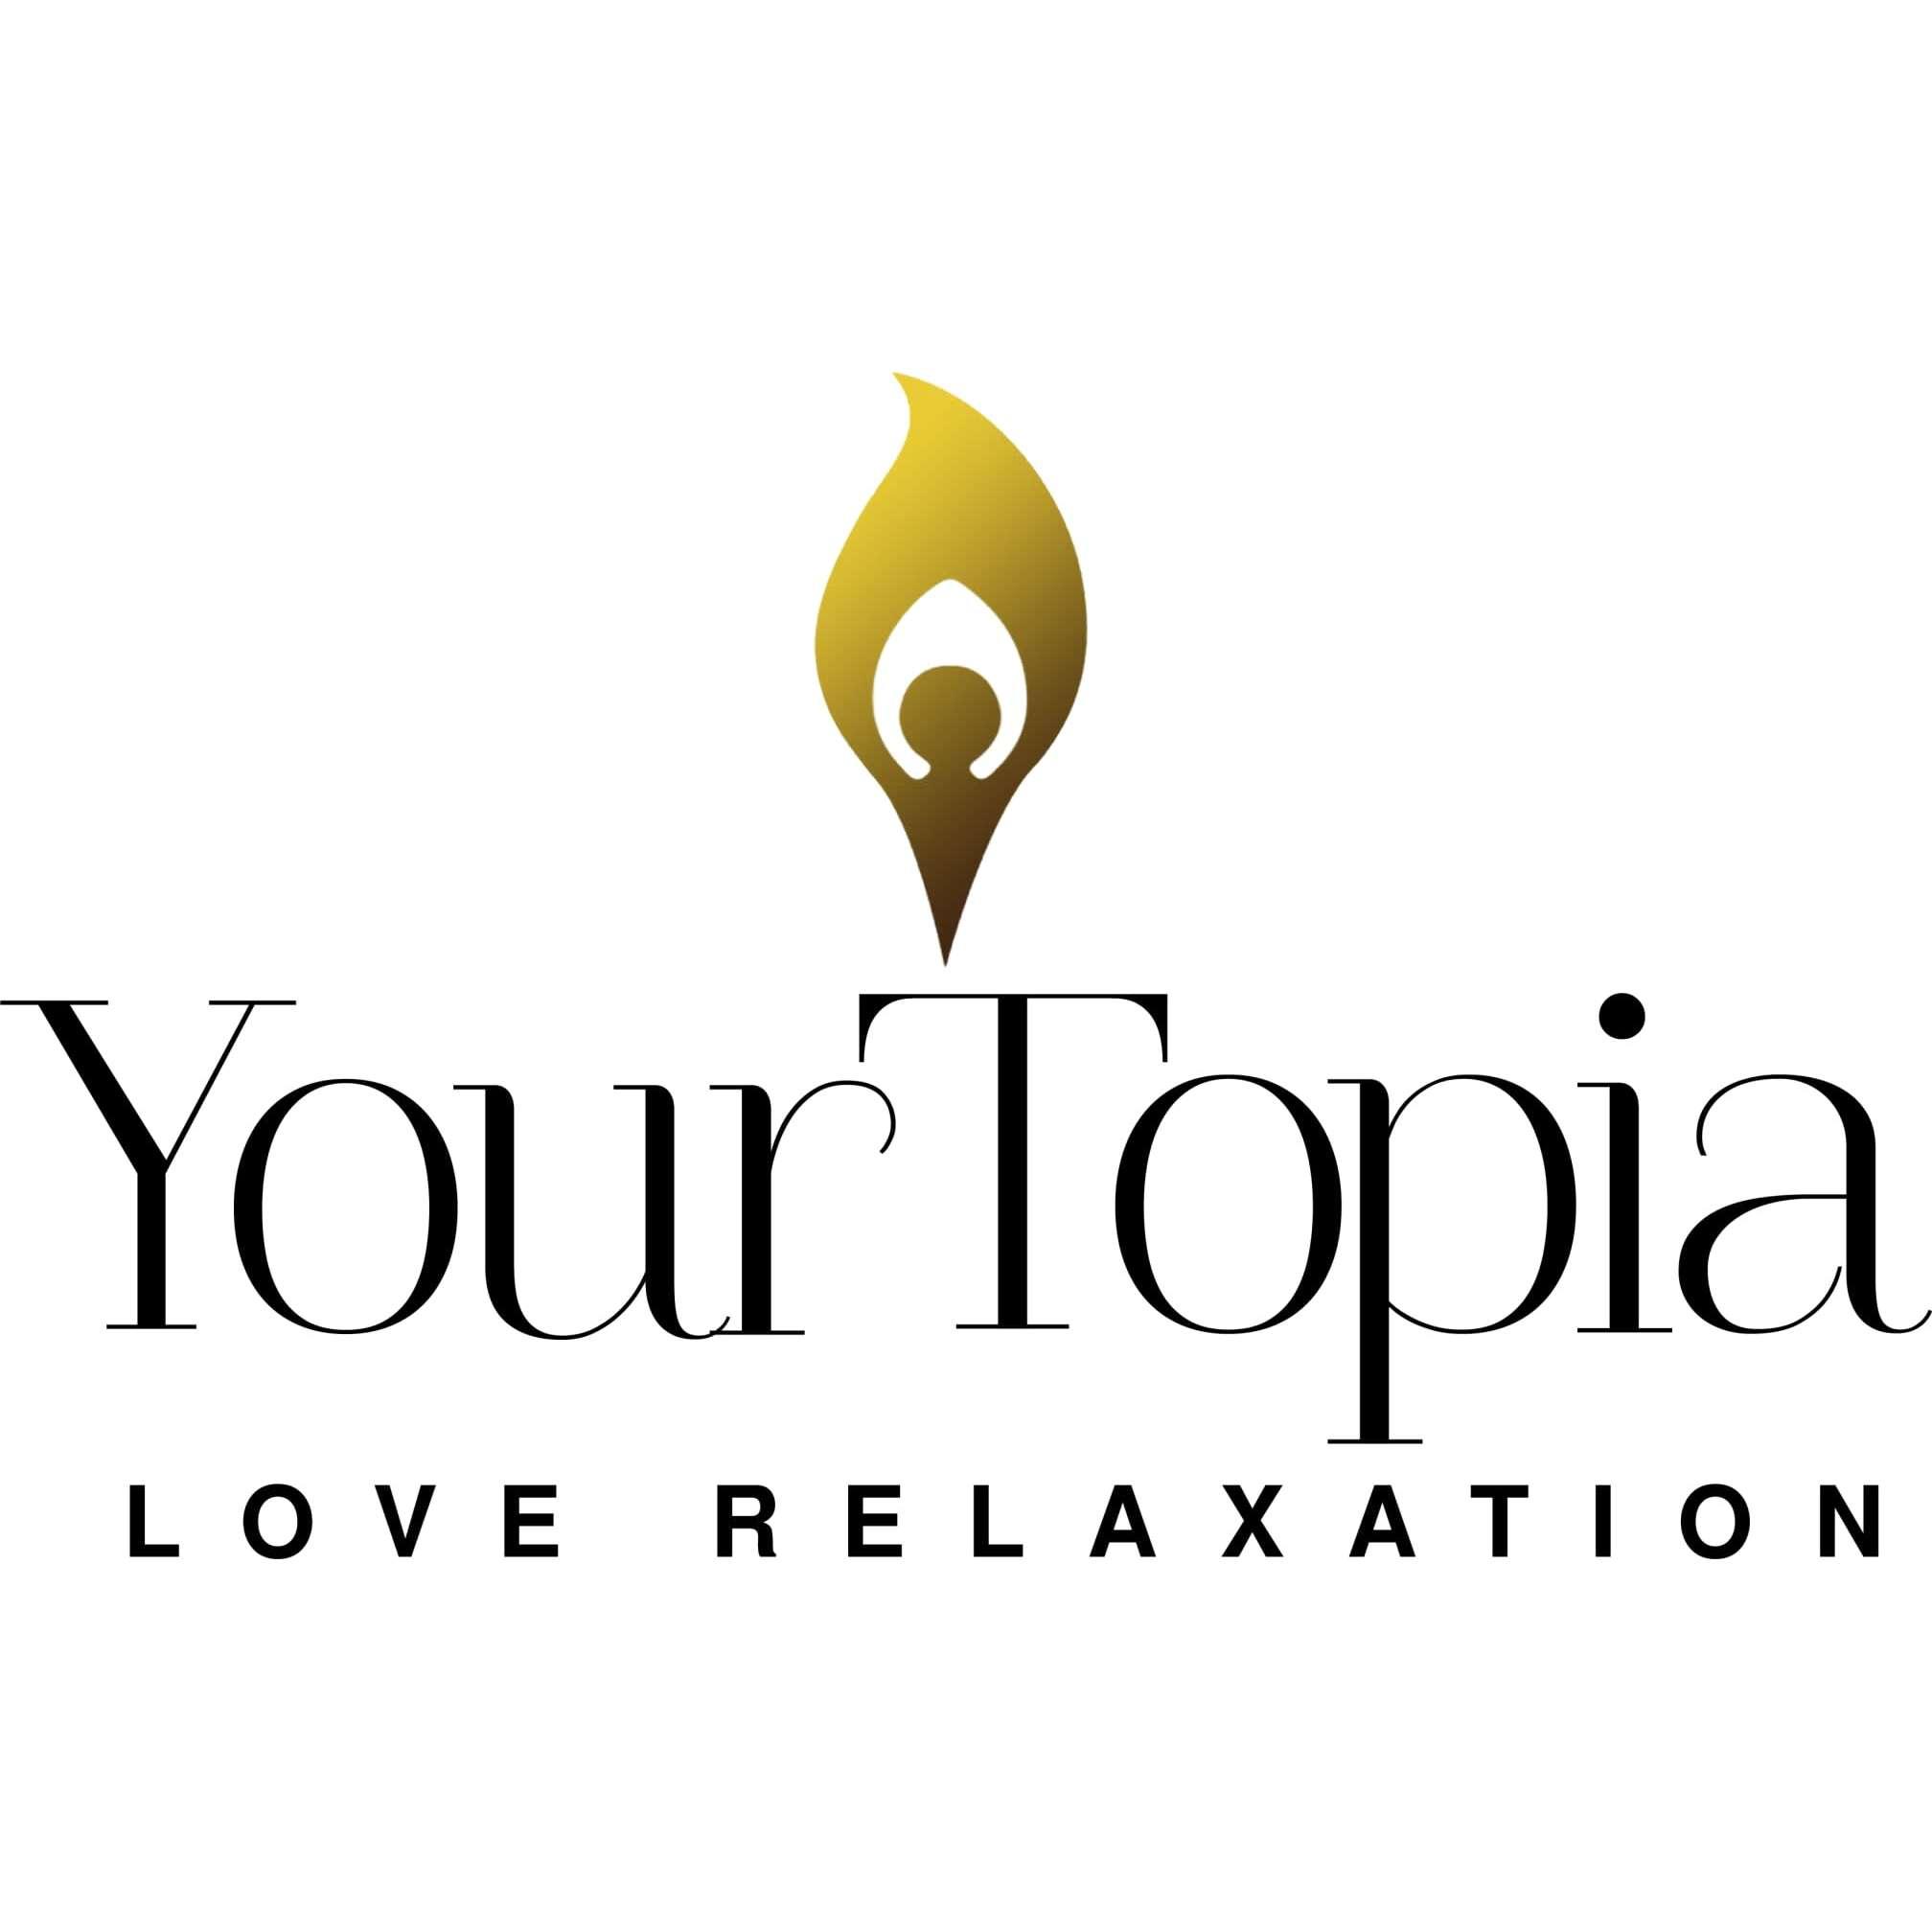 YourTopia (Mobile Massage)